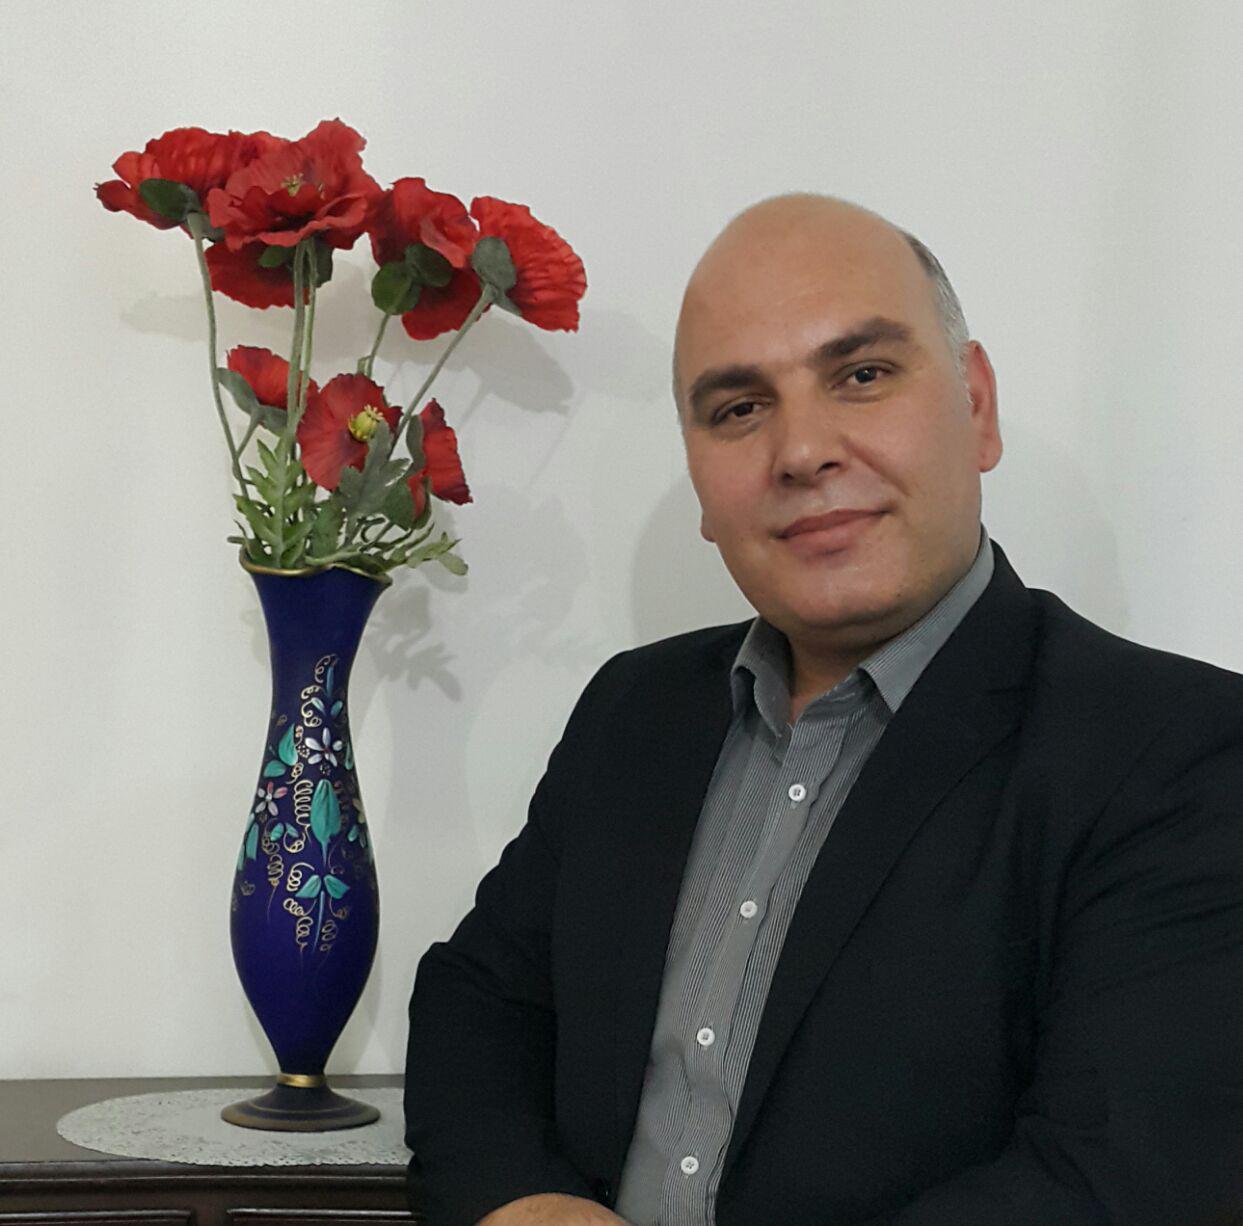 دکتر محمدحسین صفایی کاندیدای هییت امناء صندوق ذخیره فرهنگیان را بیشتر بشناسید